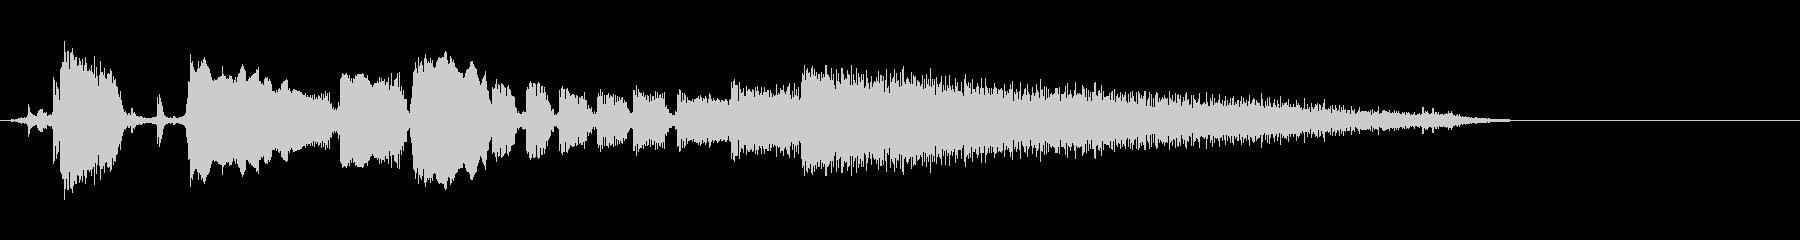 【エレキギター】ブルージーなフレーズの未再生の波形